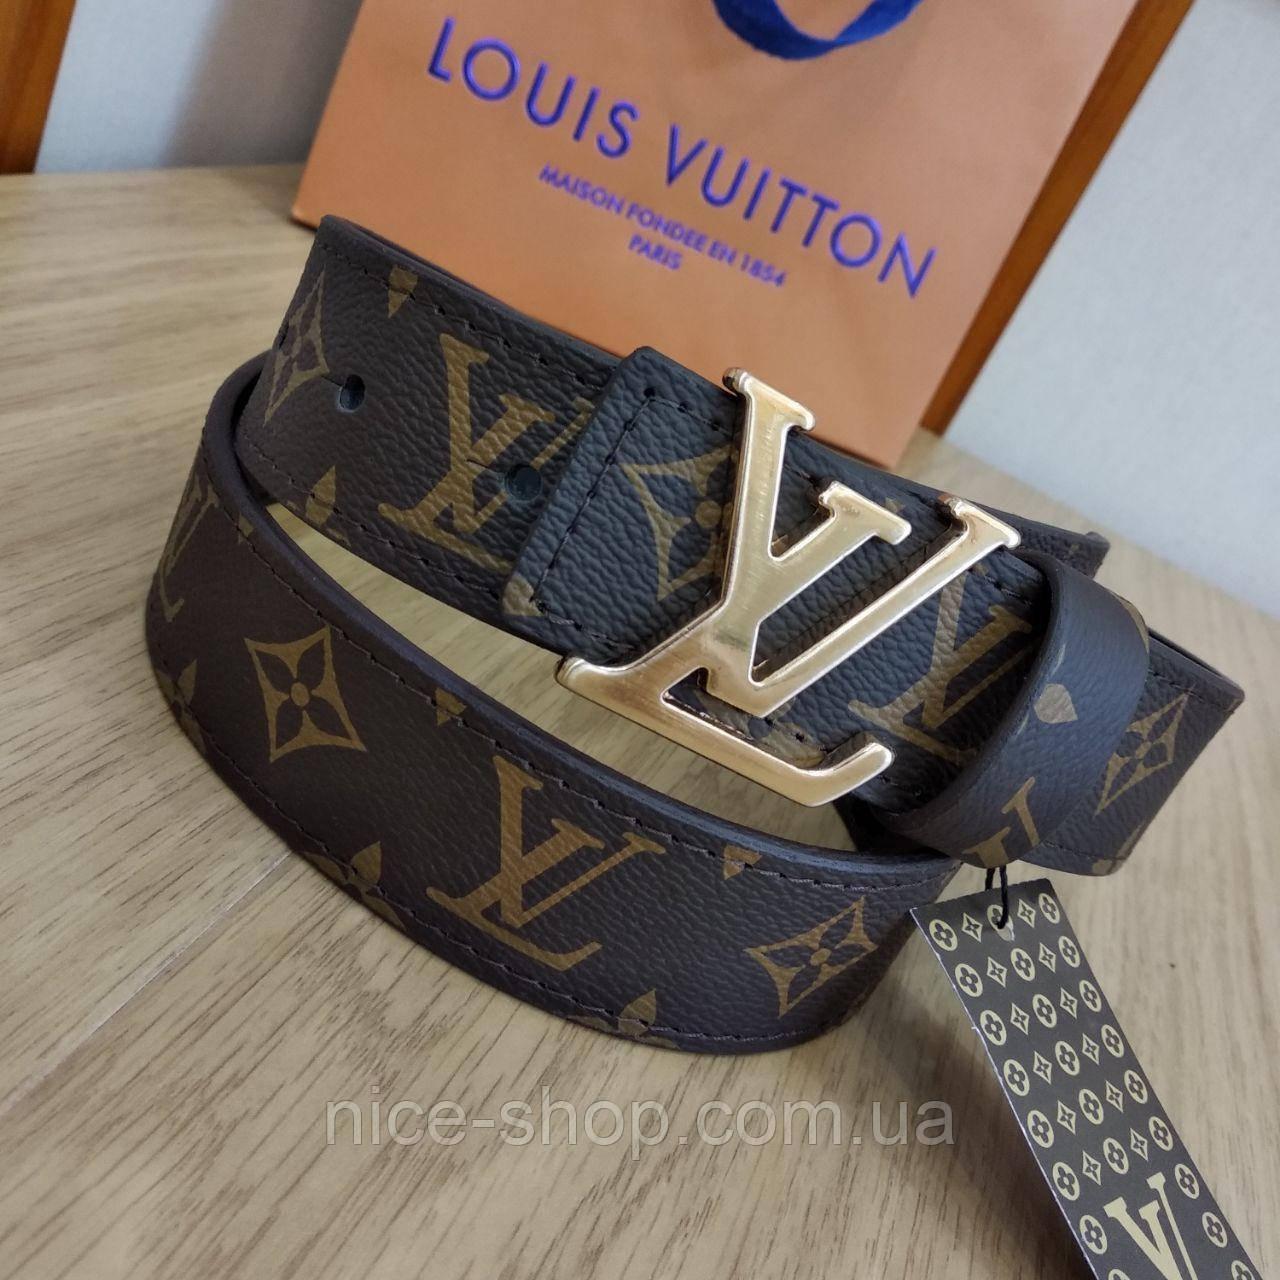 Ремень Louis Vuitton кожаный, цвет фурнитуры- золото